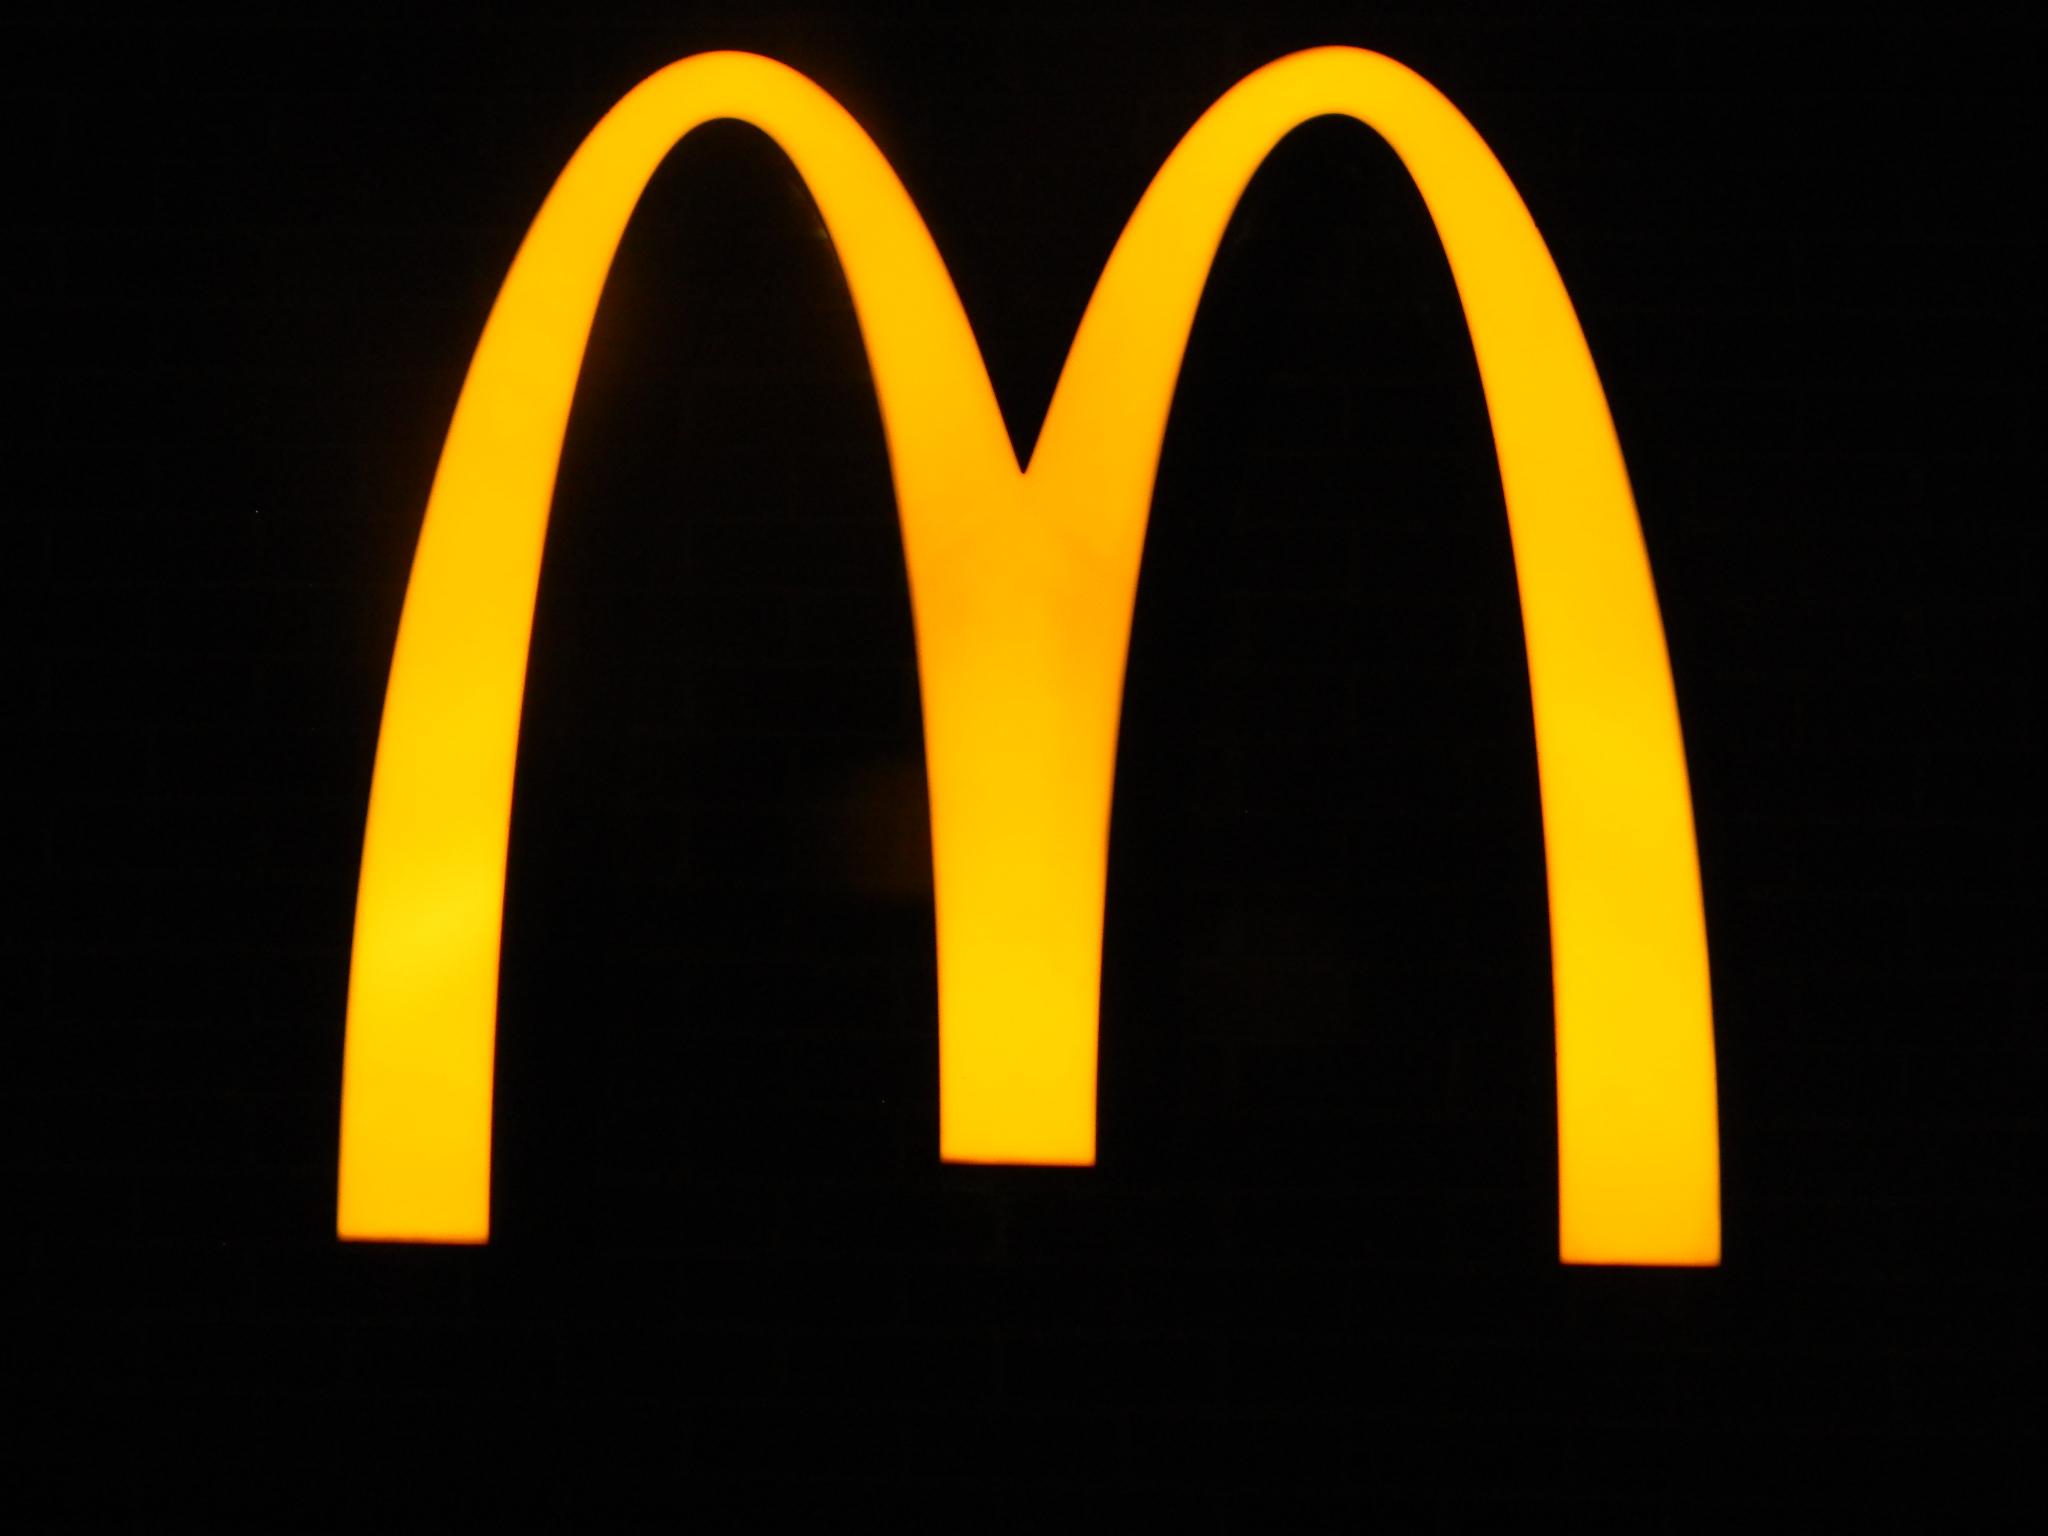 Mcdonalds Clip Art